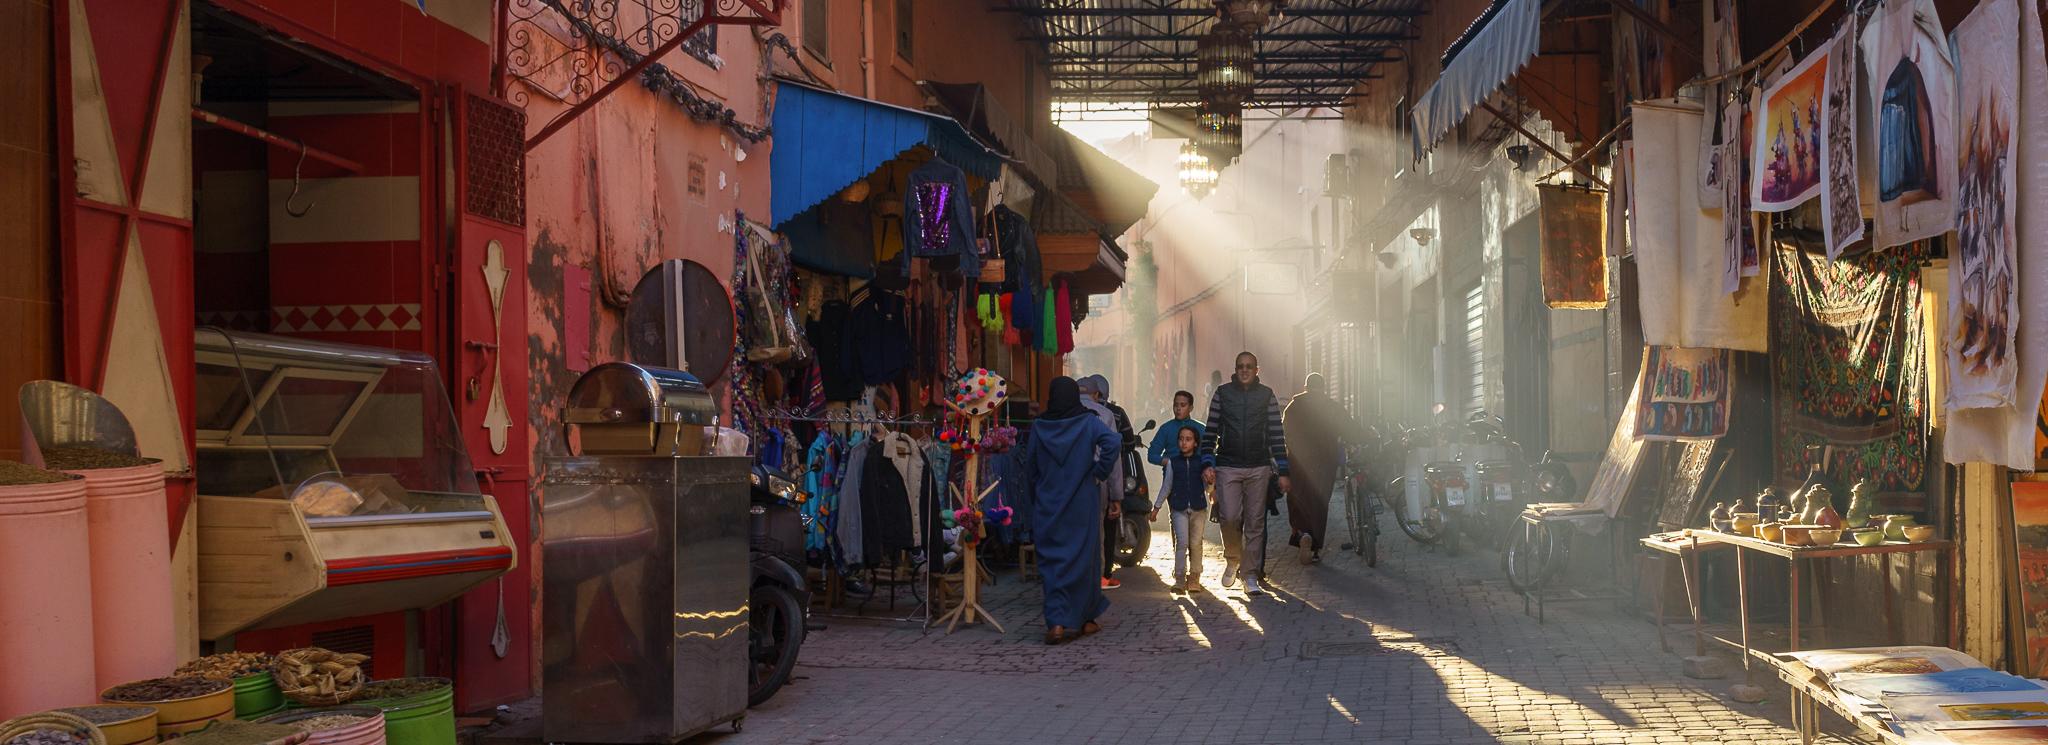 Ein Besuch in Marrakesch.